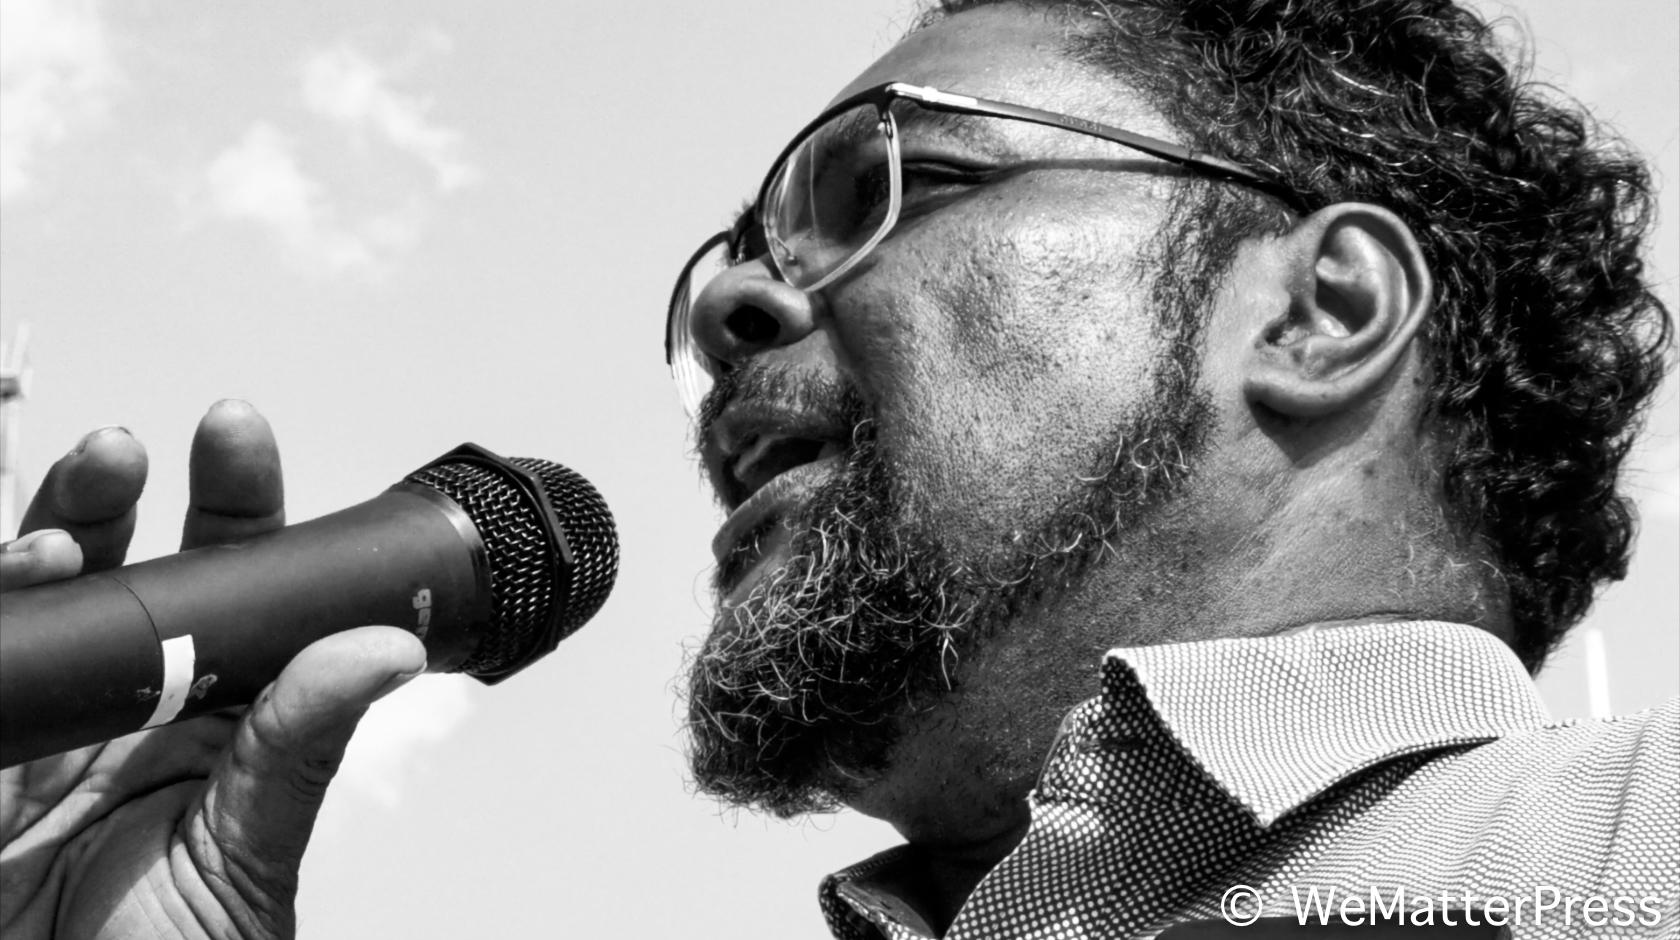 Desmond Jaddoo speaking at a public event